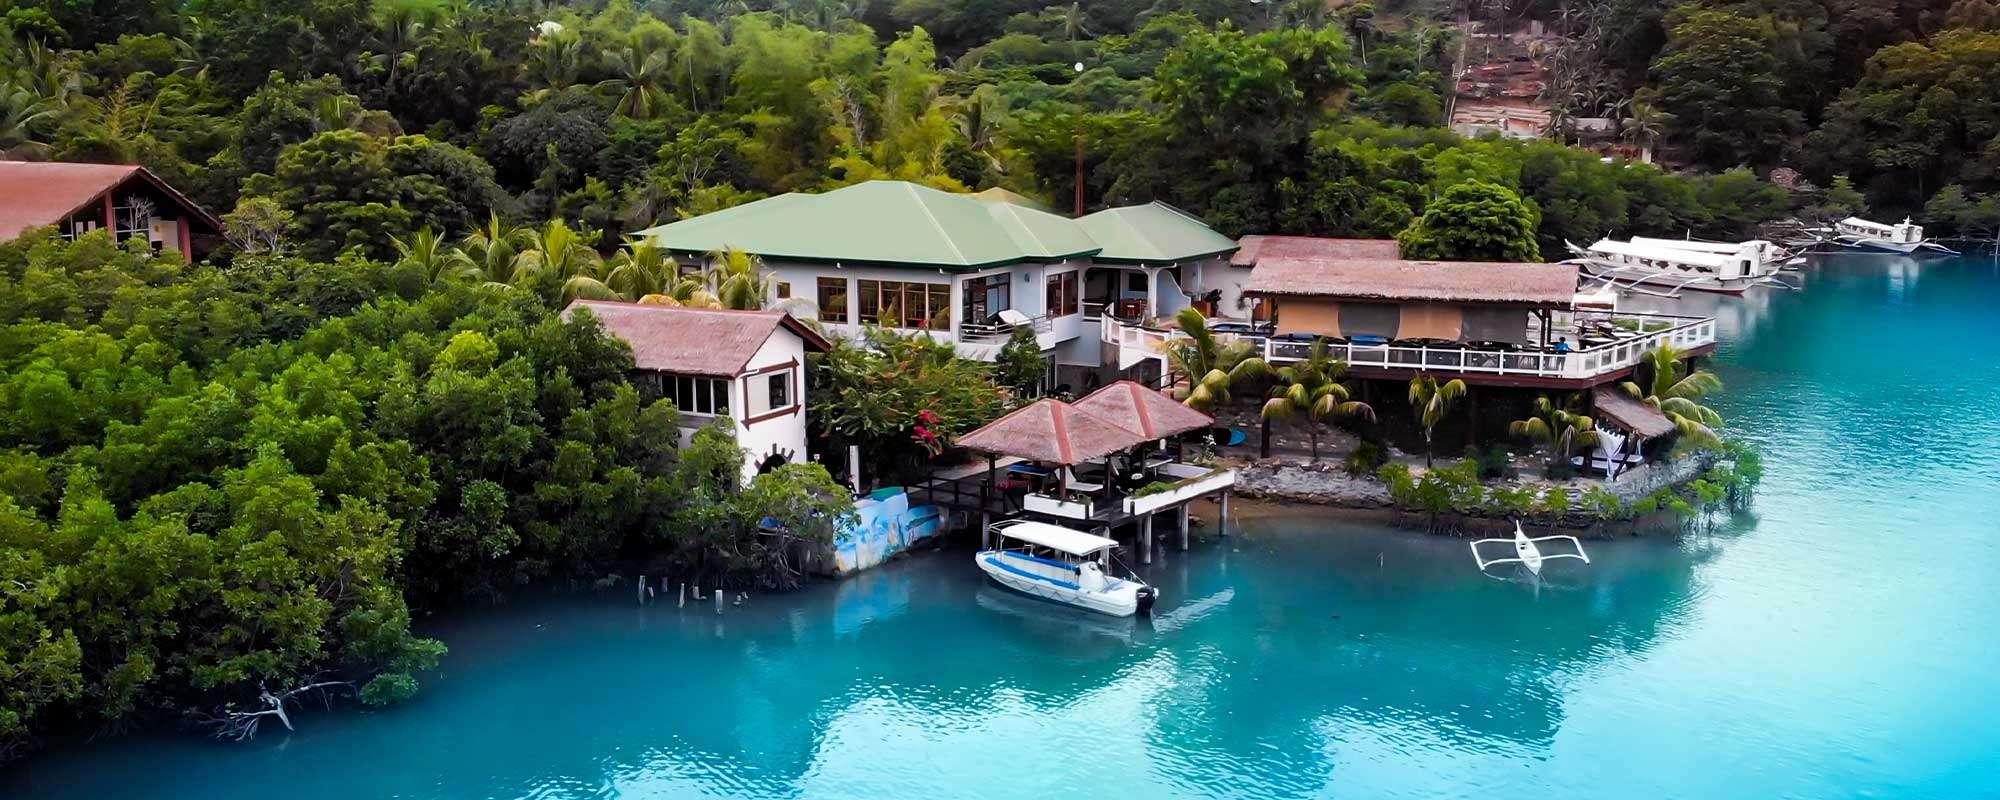 edgewater-resort-spa-philippines-puerto-galera-slider1